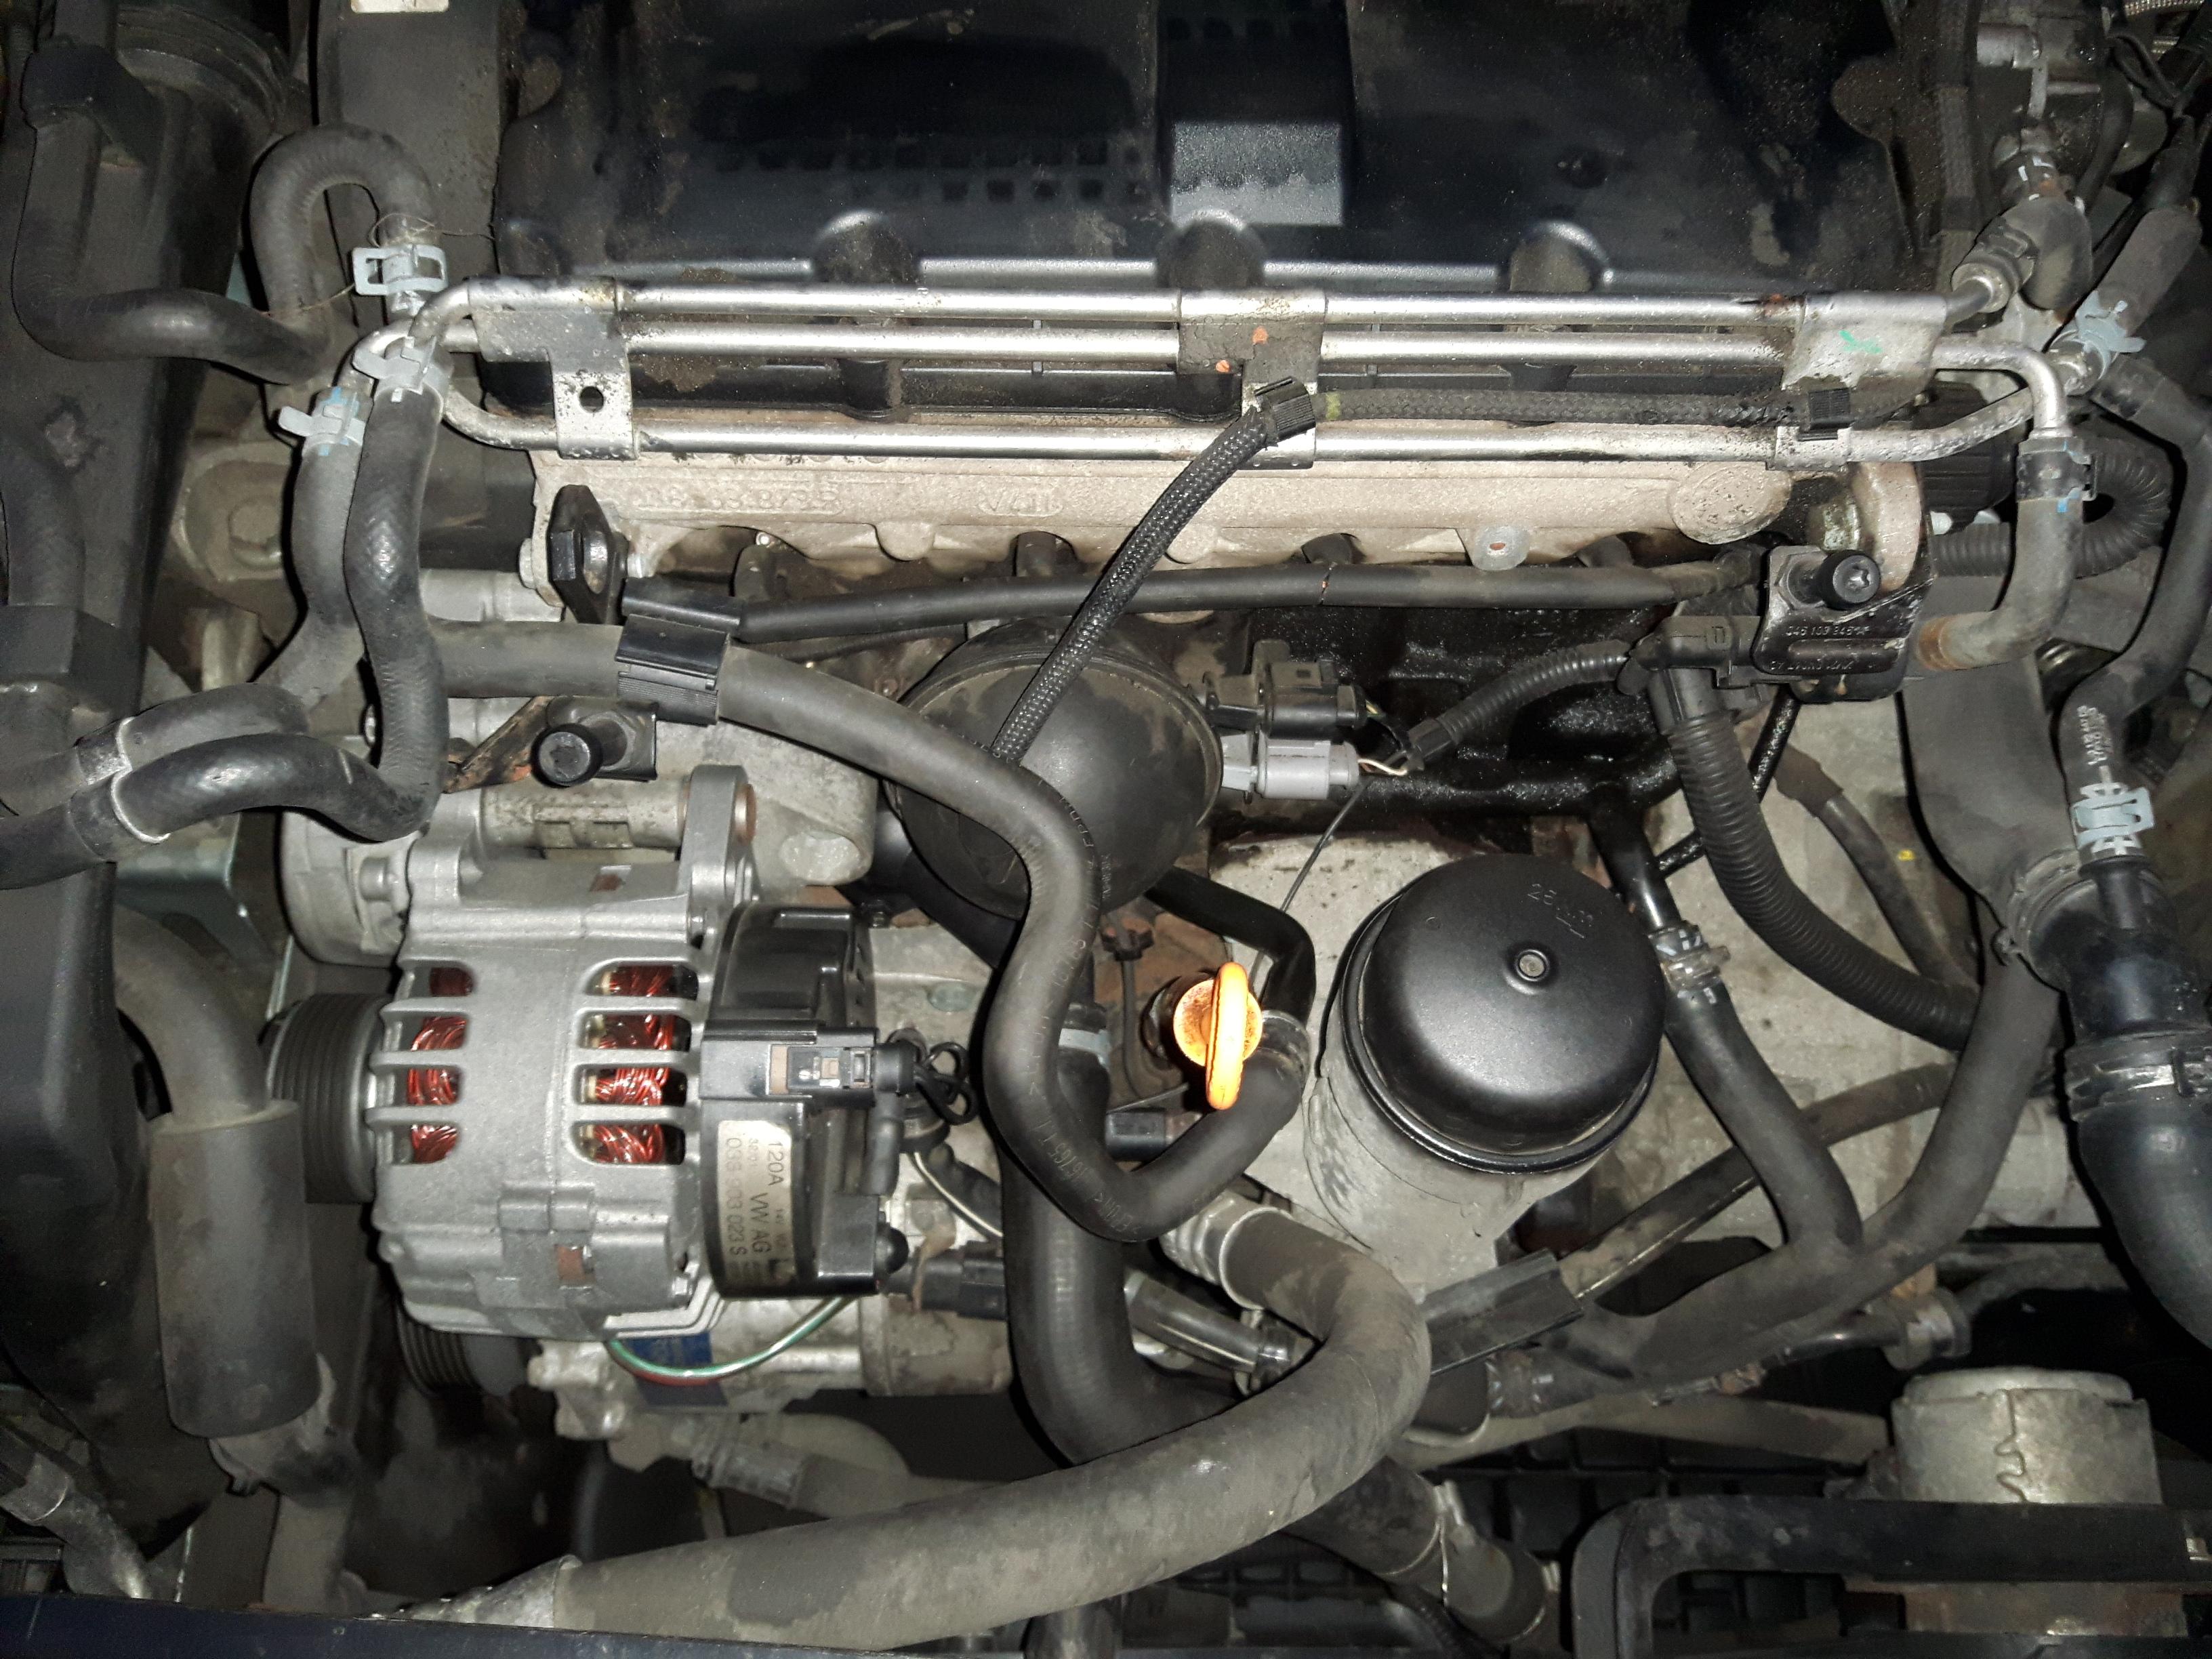 Audi A3 19tdi 74kw Silnik Nie Nagrzewa Się Do Optymalnej